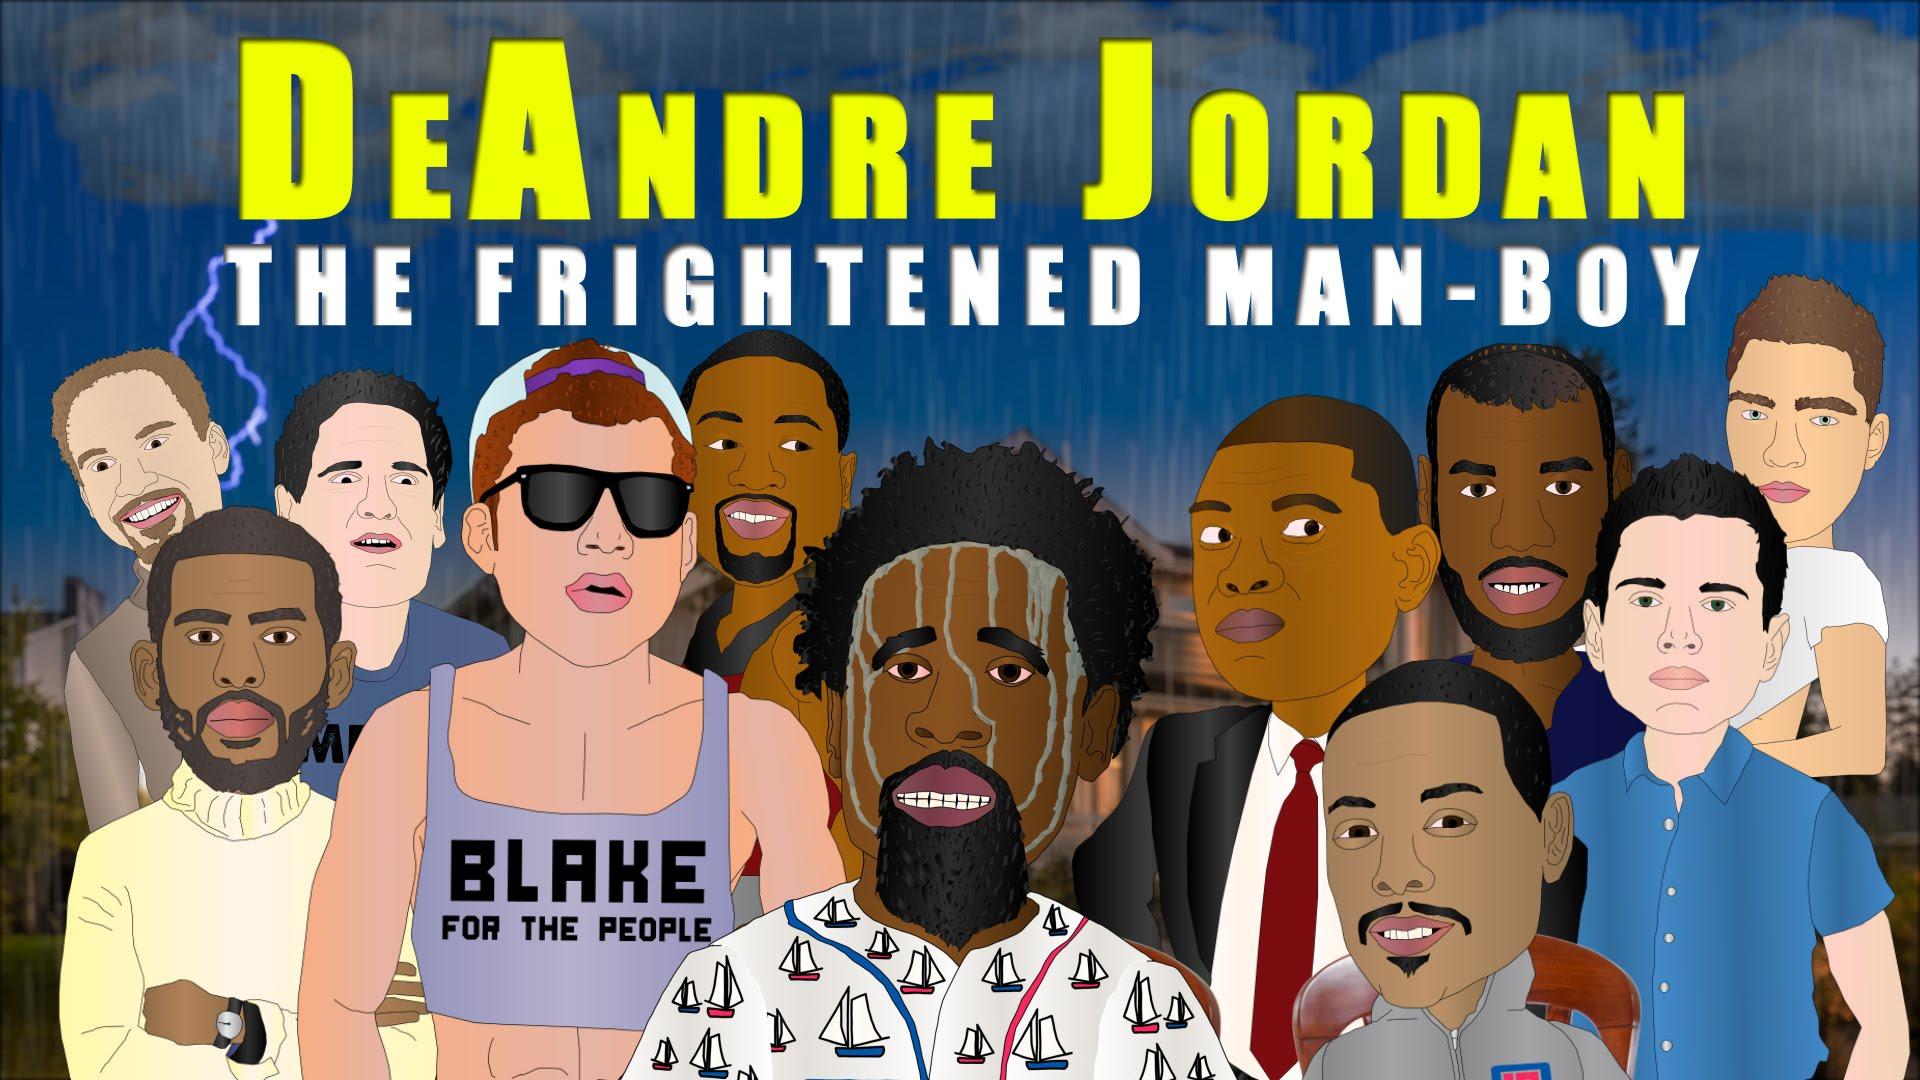 DeAndre Jordan is